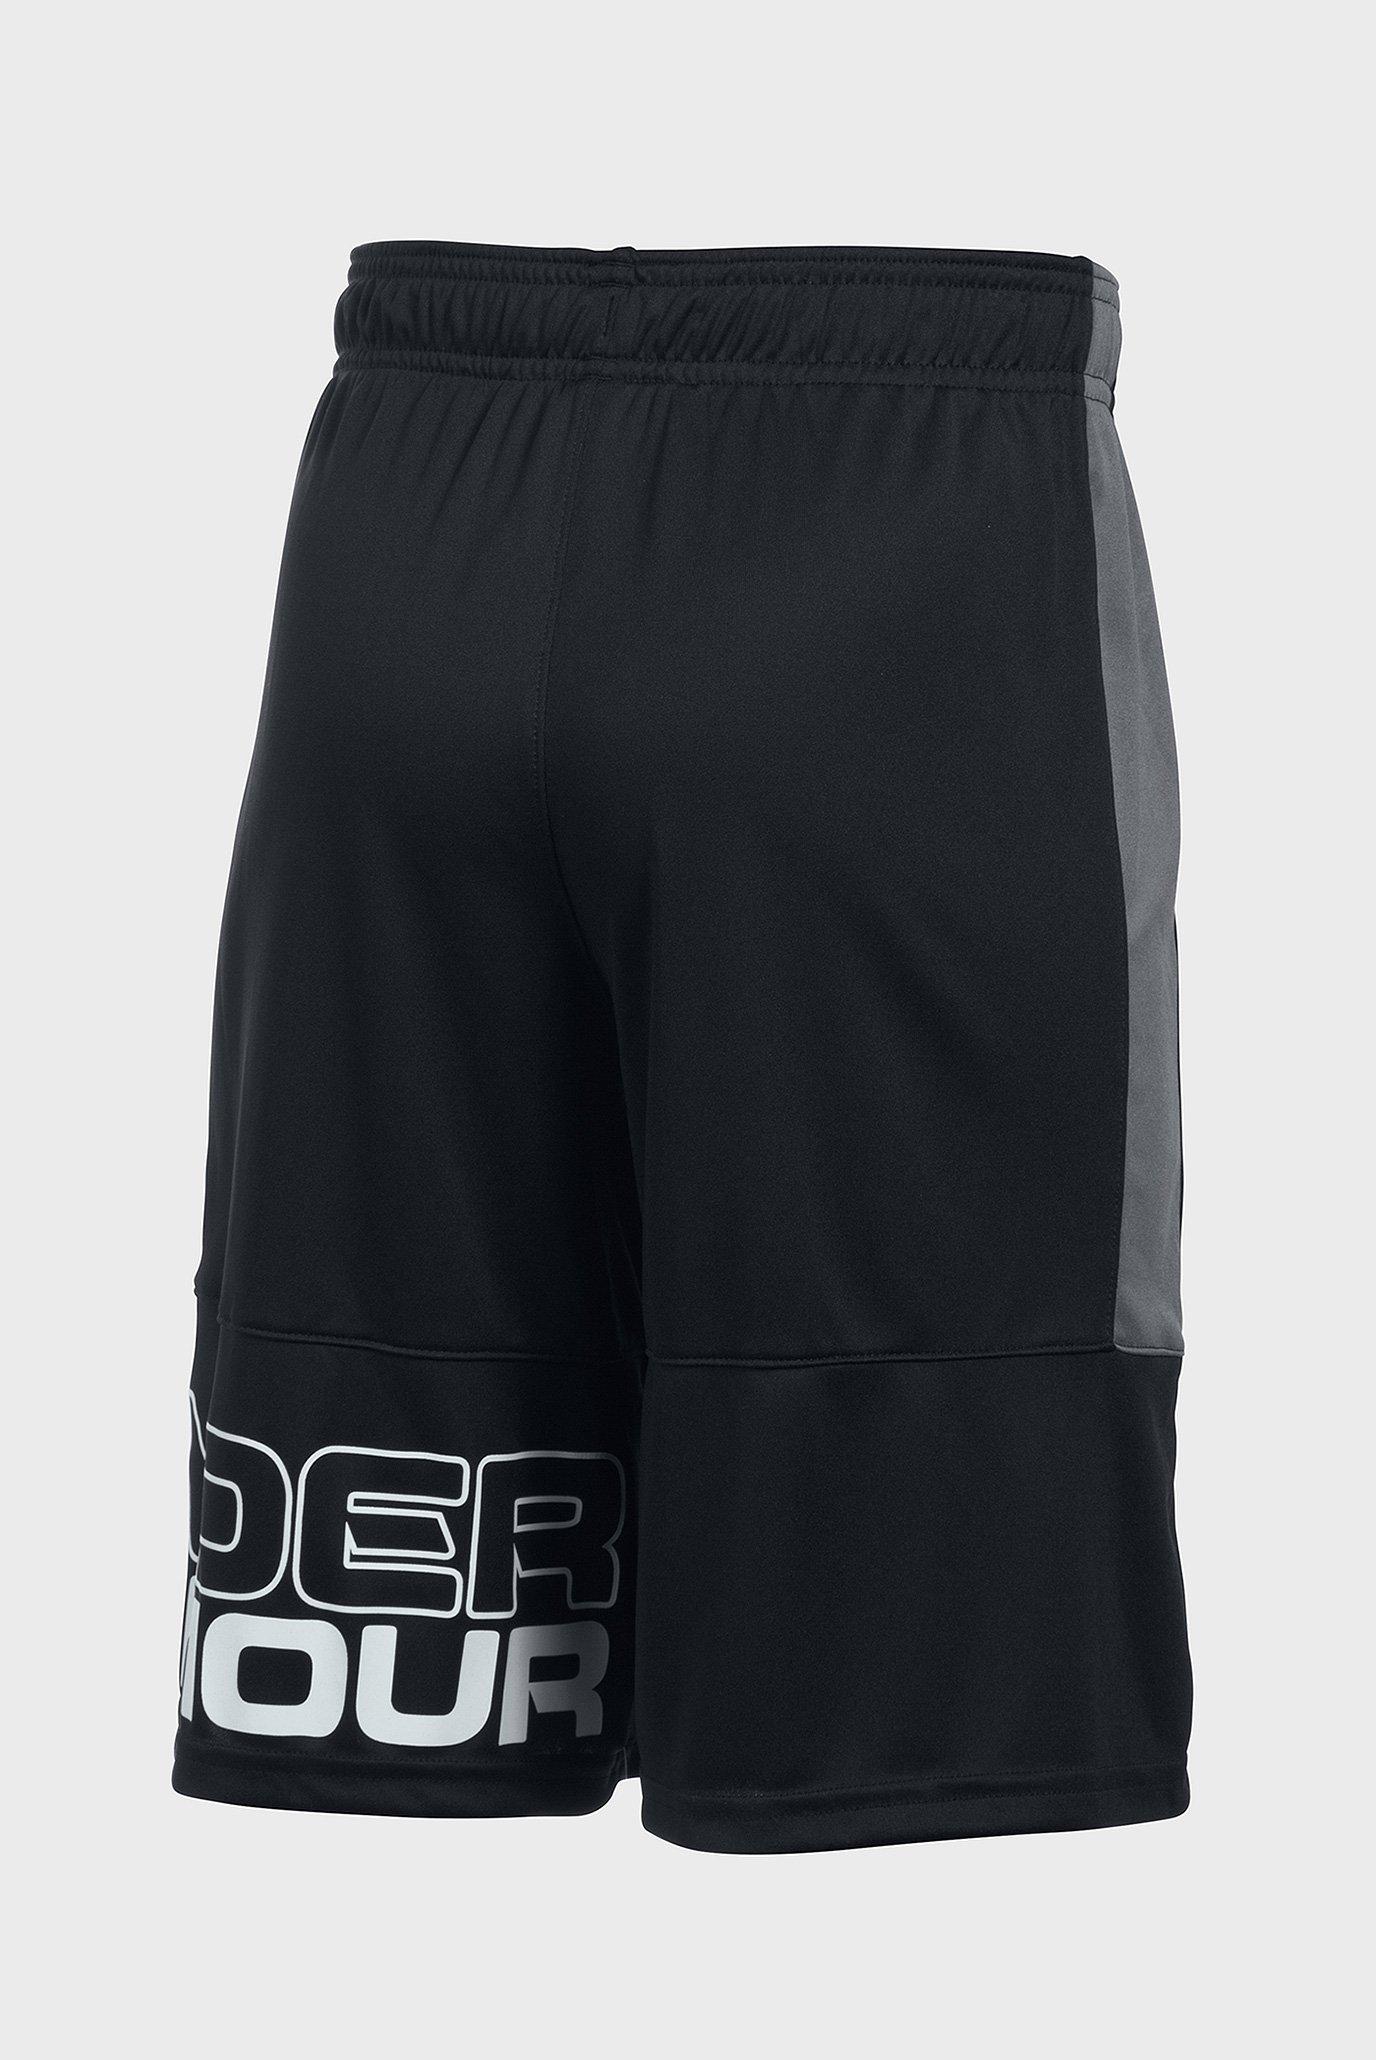 Купить Детские черные шорты UA Stunt Short Under Armour Under Armour 1299989-001 – Киев, Украина. Цены в интернет магазине MD Fashion